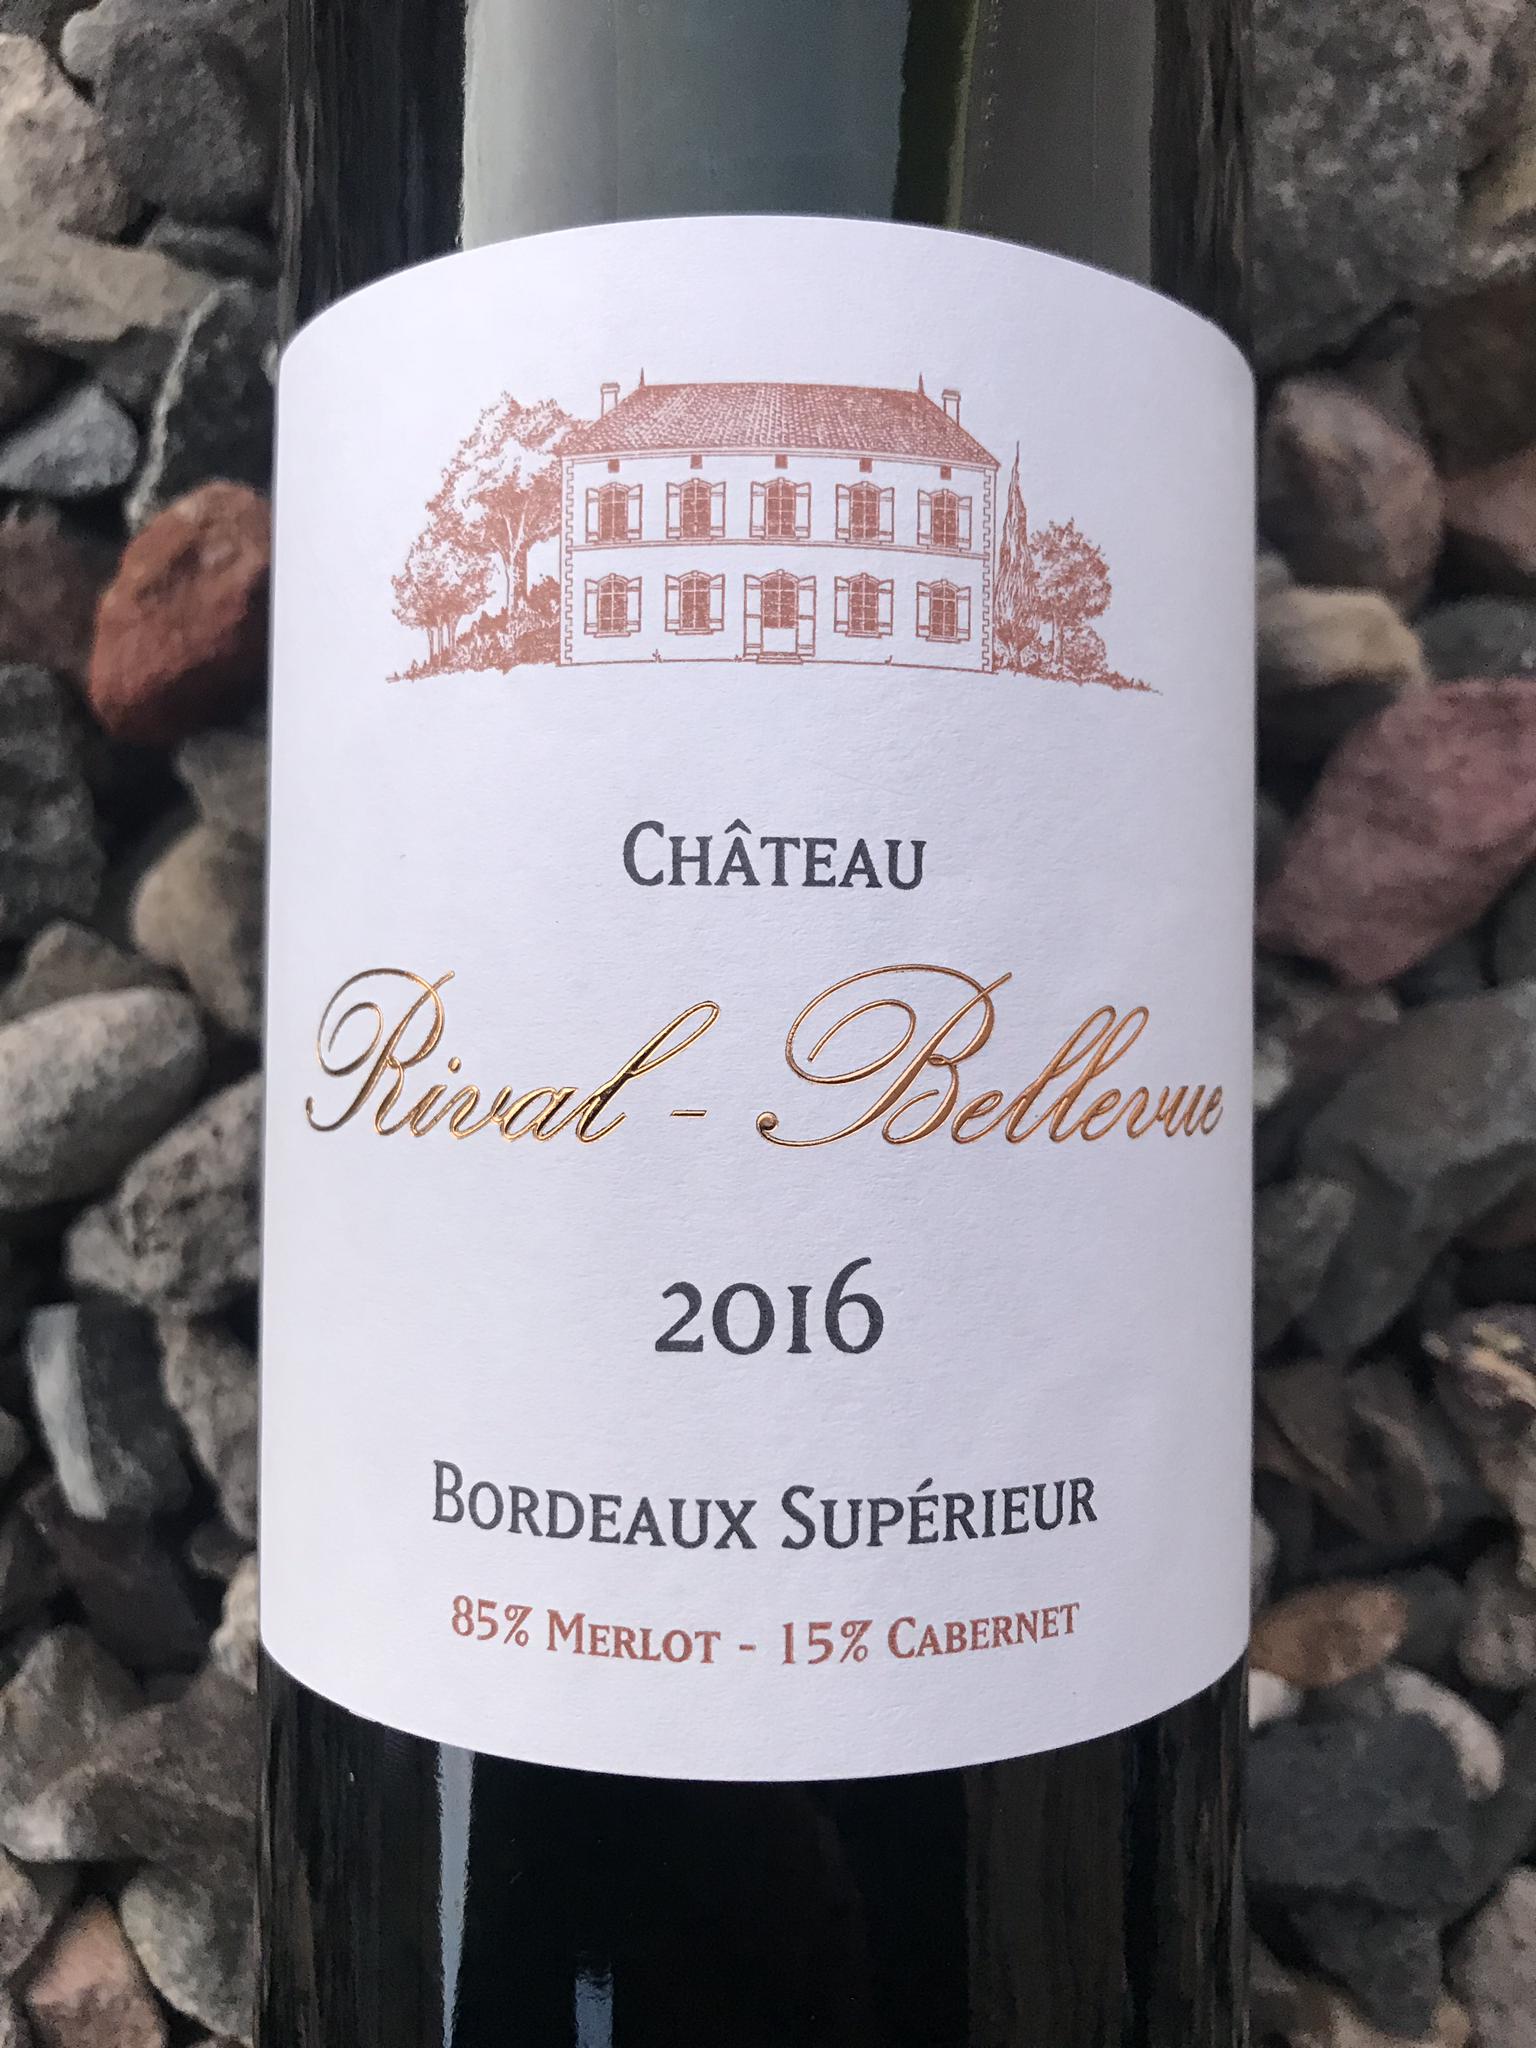 Chateau Rival-Bellevue Bordeaux Superior 2016